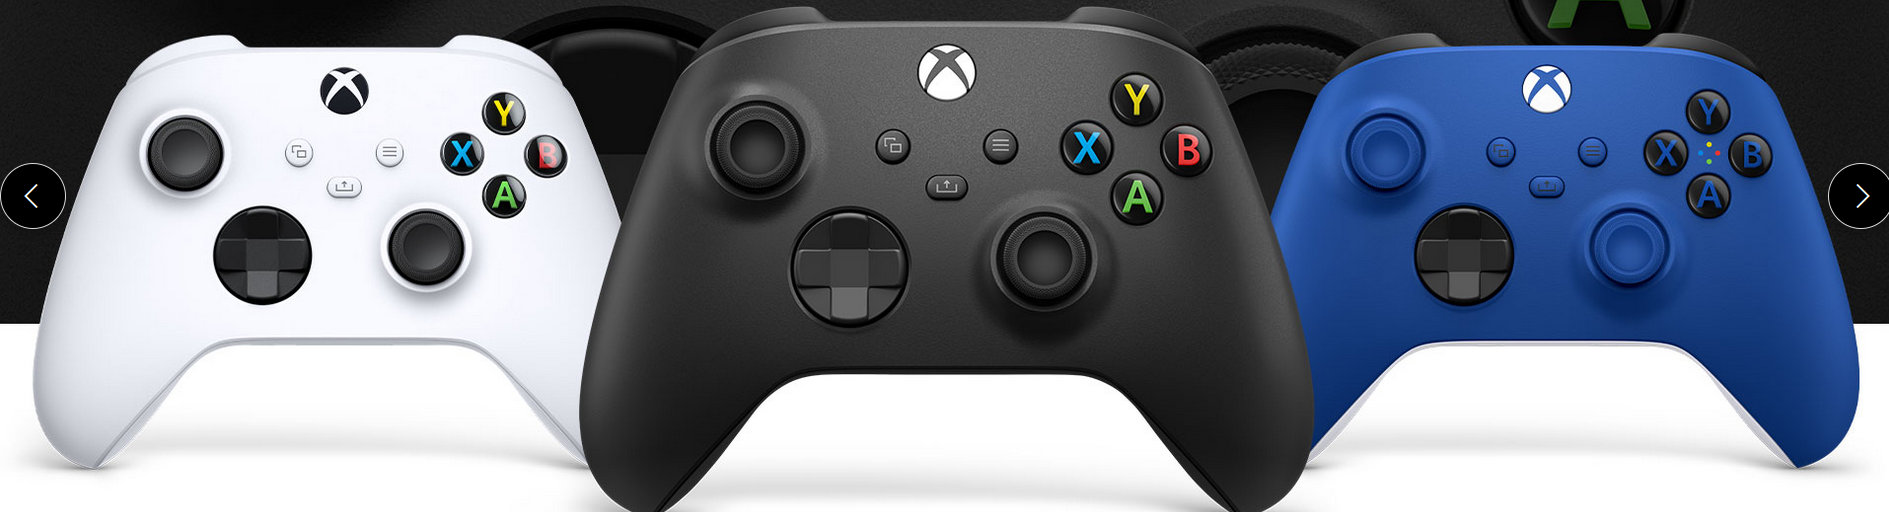 Встречайте новенького: Microsoft представила контроллер для Xbox Series X и Xbox Series S в стильной расцветке Pulse Red